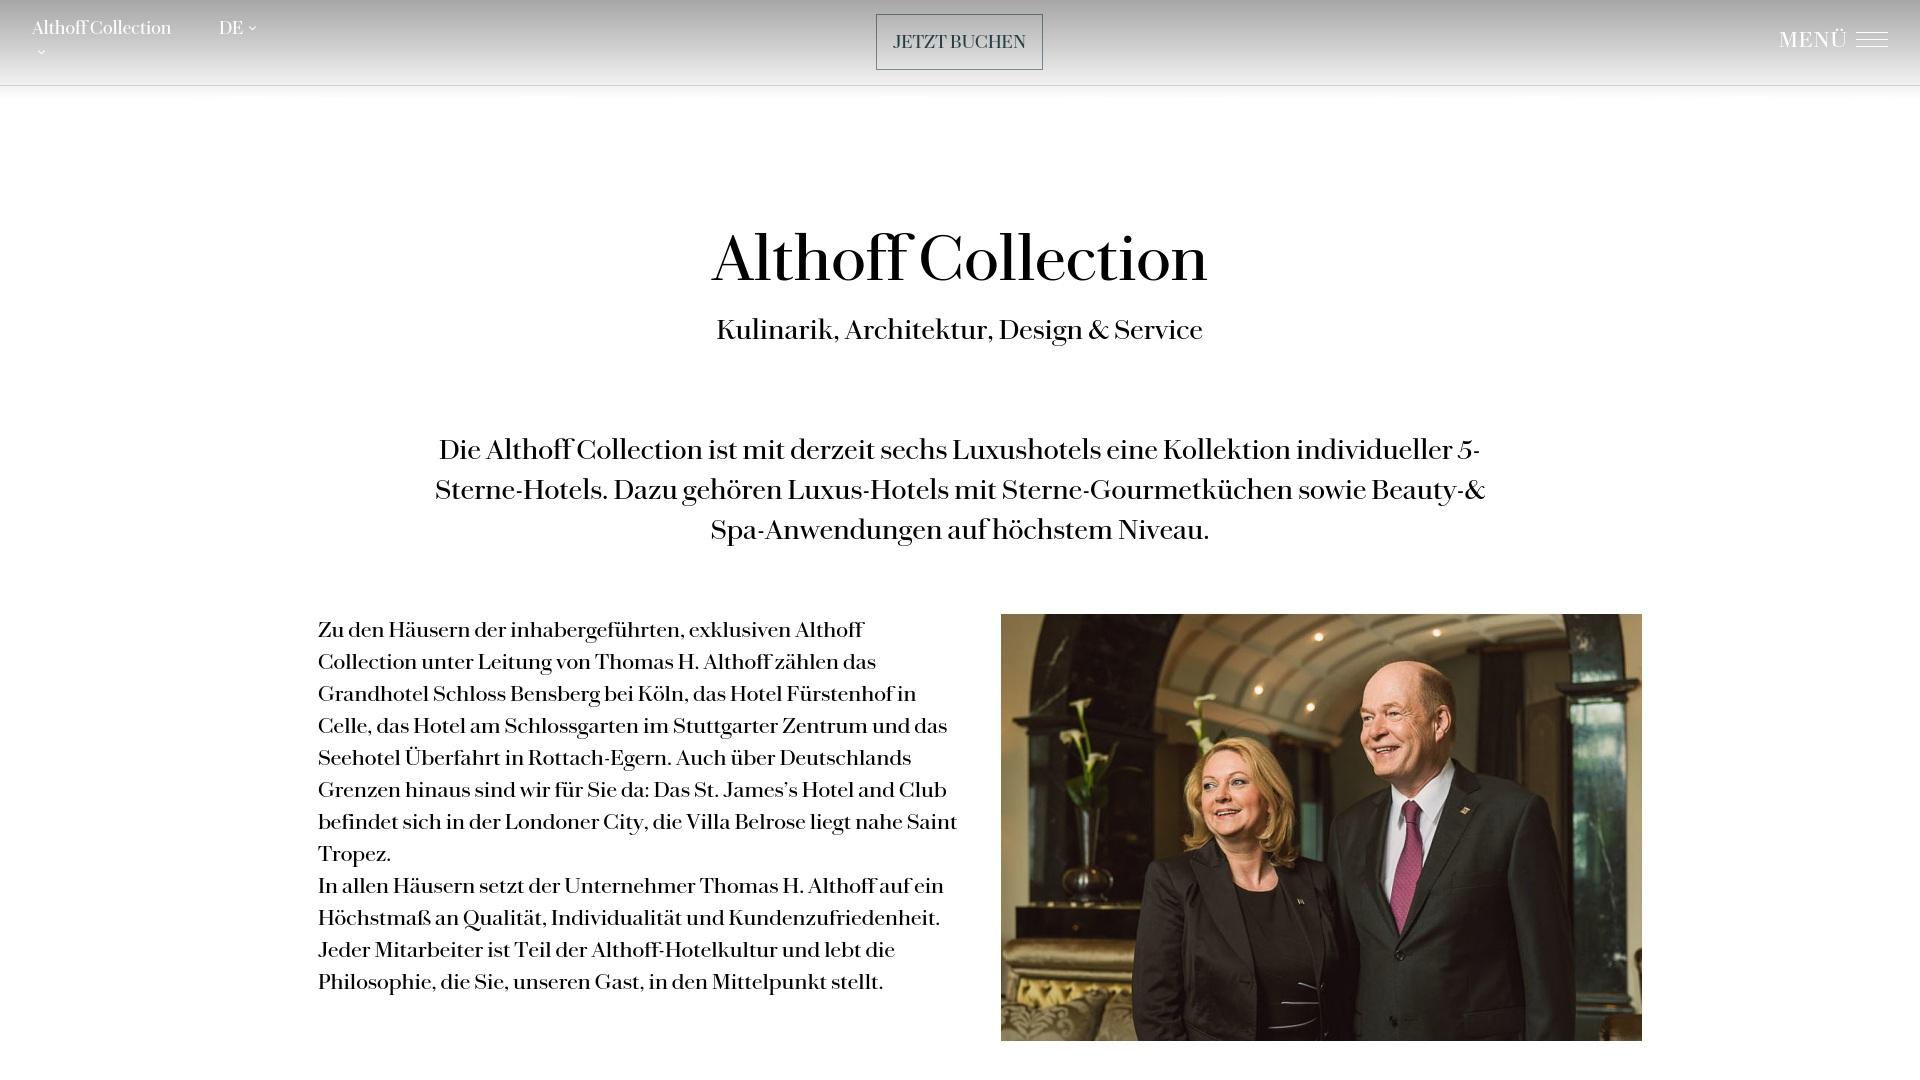 Gutschein für Althoffhotels: Rabatte für  Althoffhotels sichern